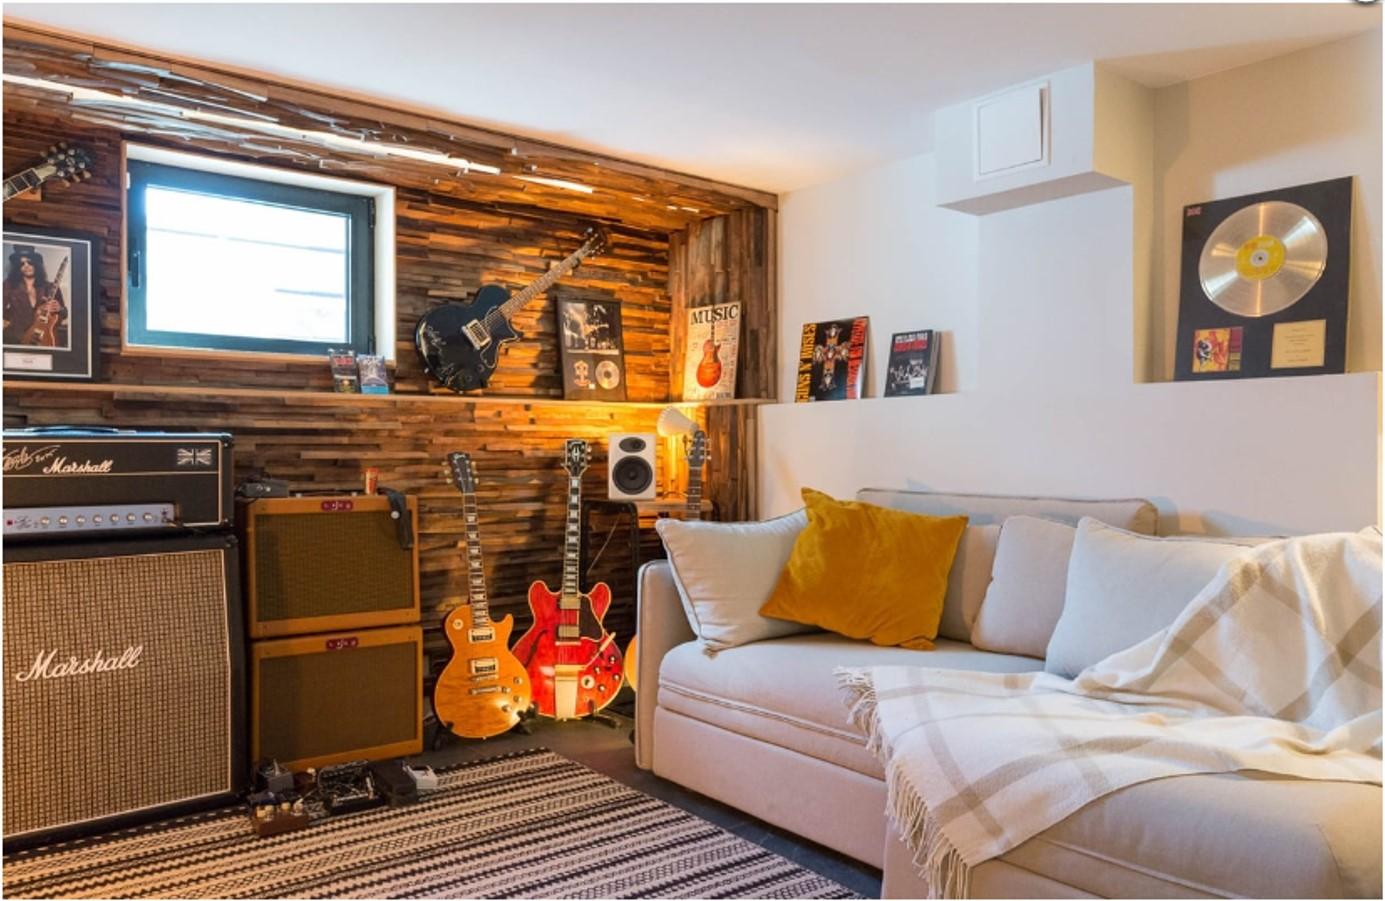 Maison Salle musique Atelier2c.fr